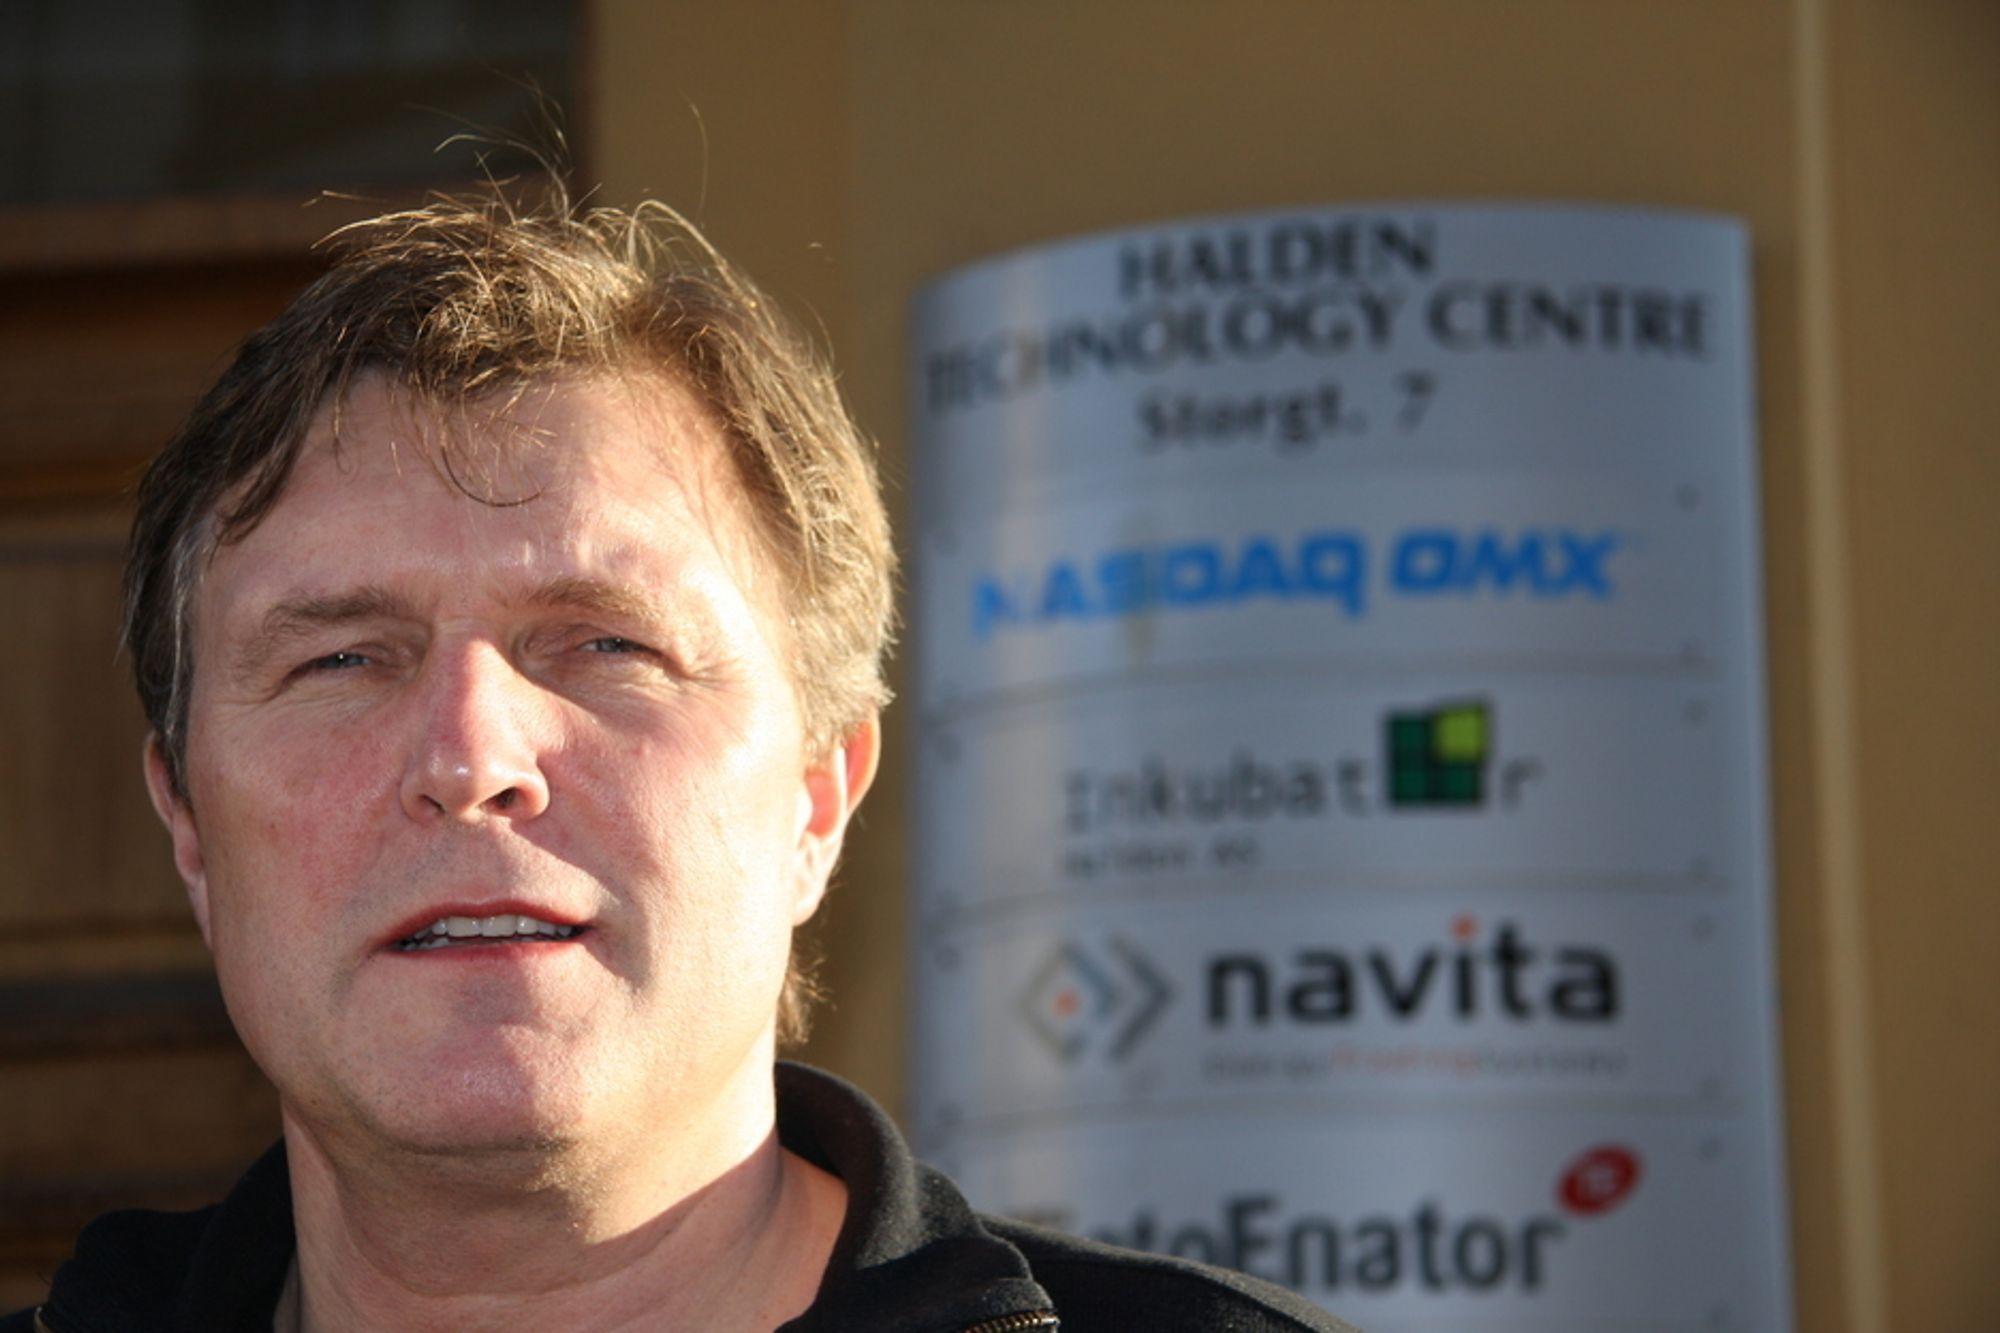 Opprykk: Styringsleder Knut Johansen og Halden Center of Expertise er blitt nasjonalt ekspertisesenter på IT- og energiområdet.